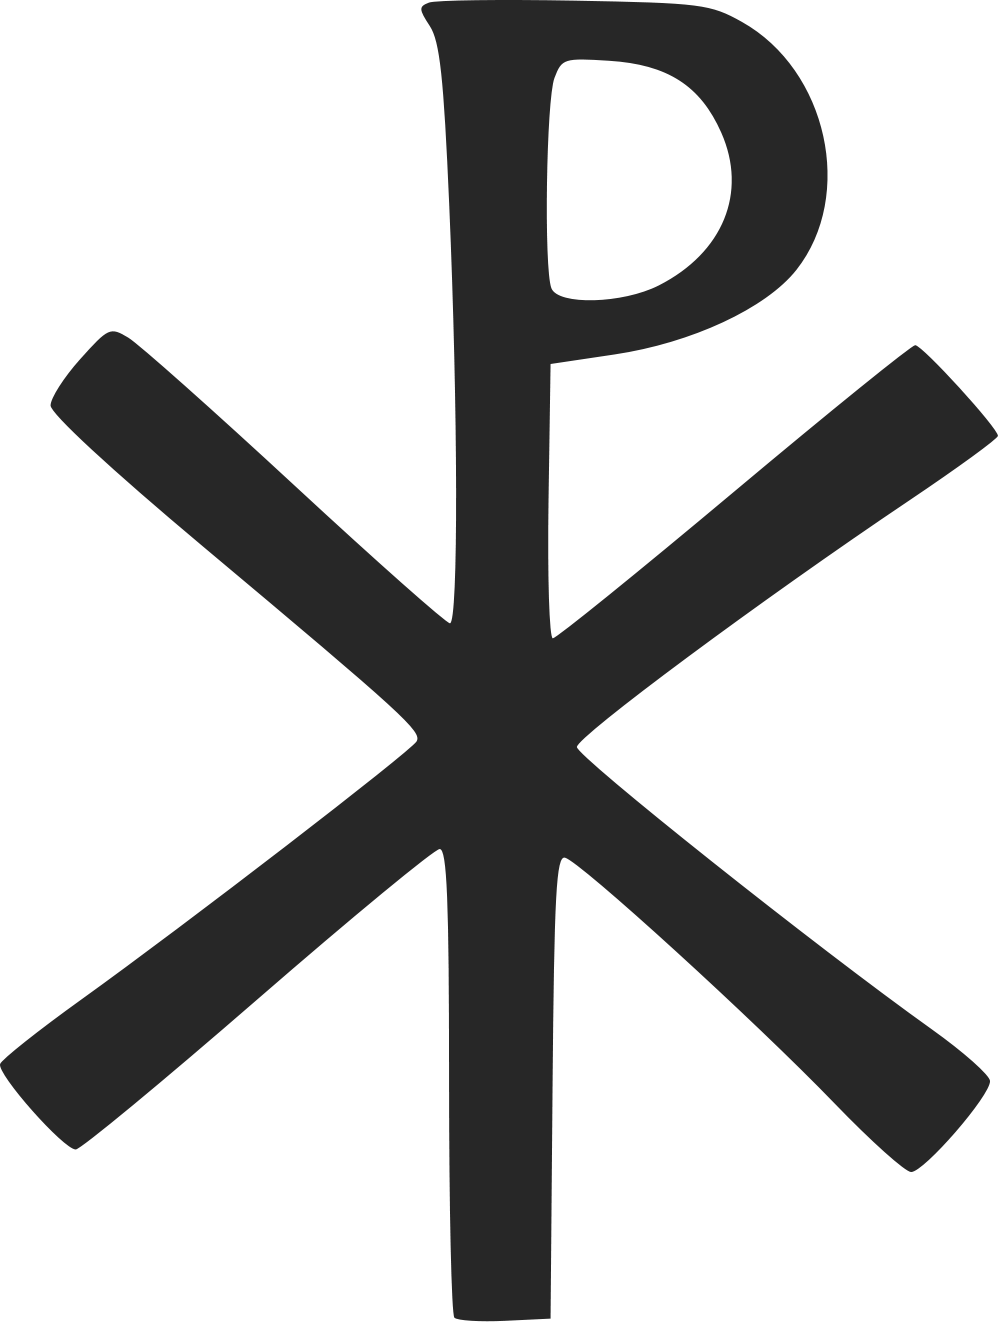 clipart bible puritans